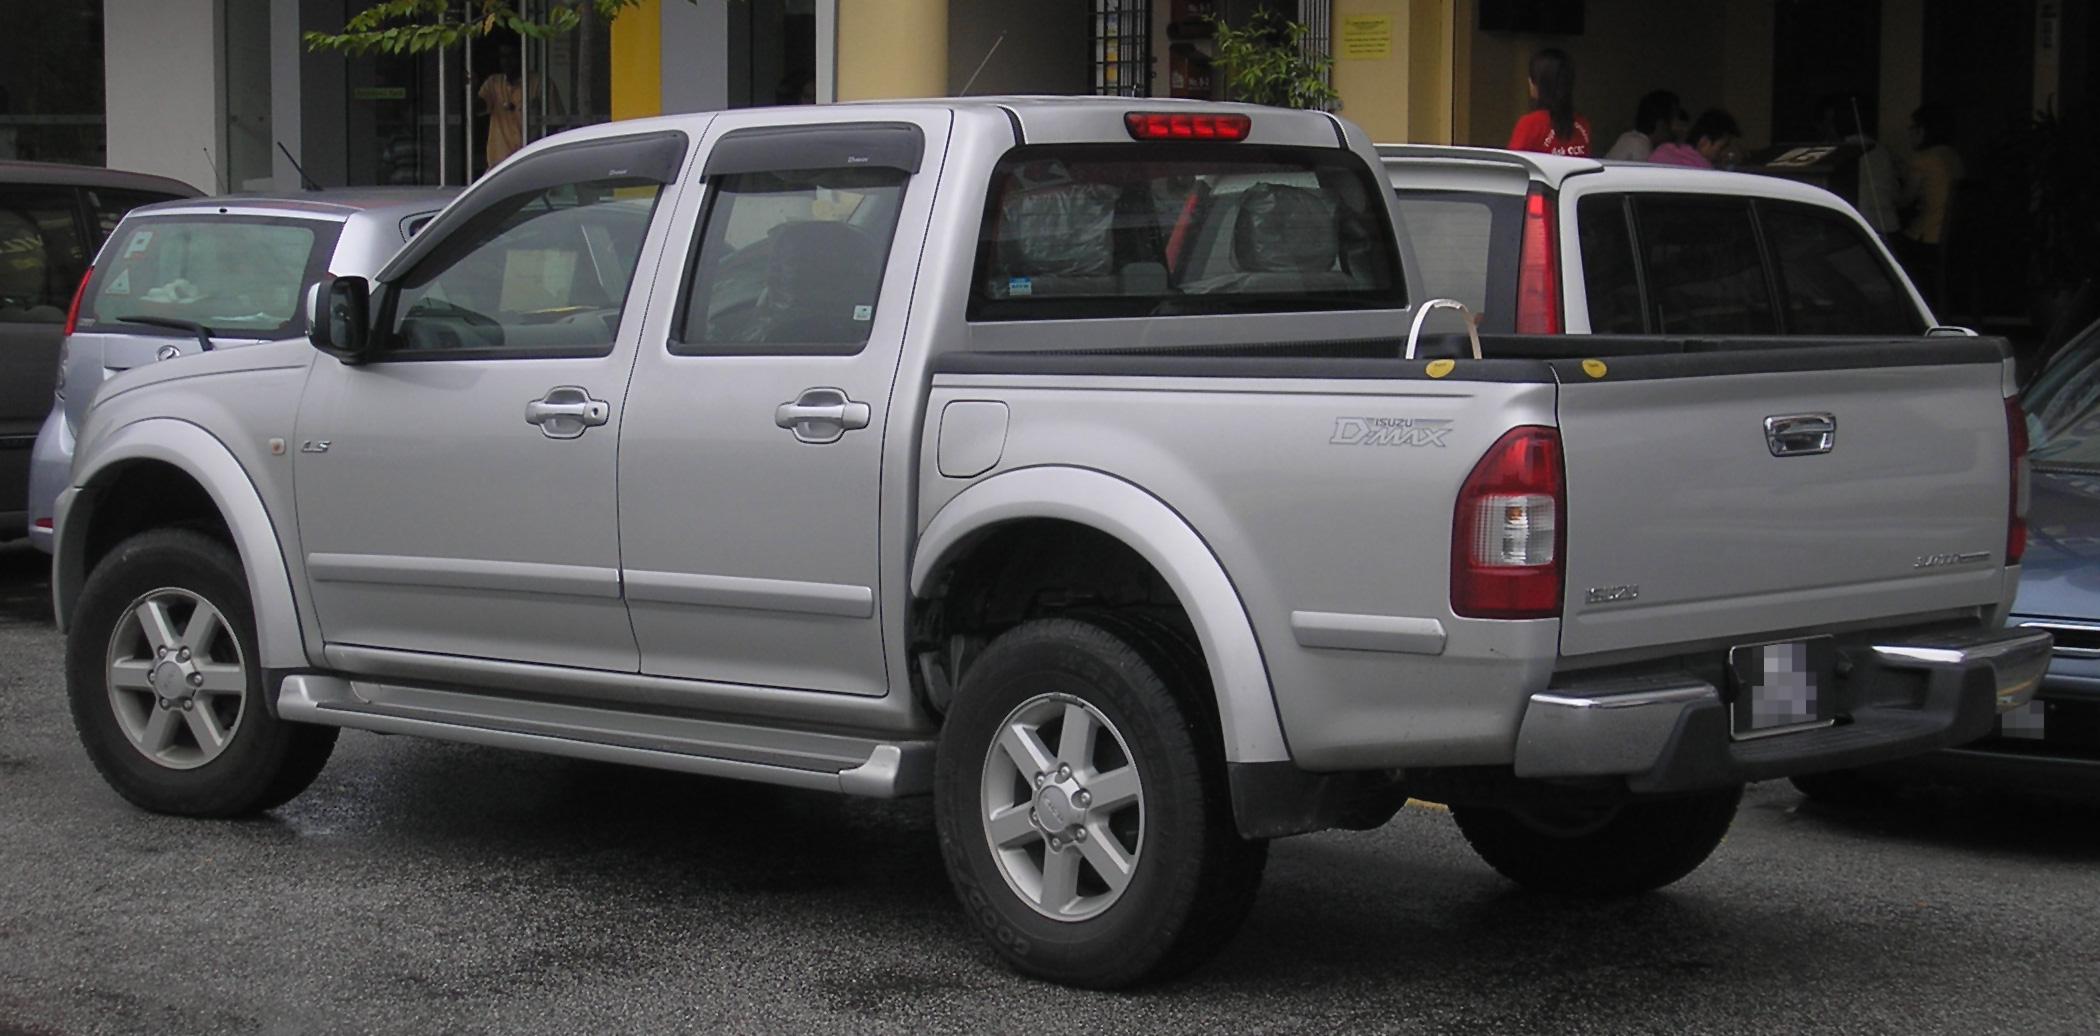 Isuzu D-Max I 2002 - 2008 Pickup #6